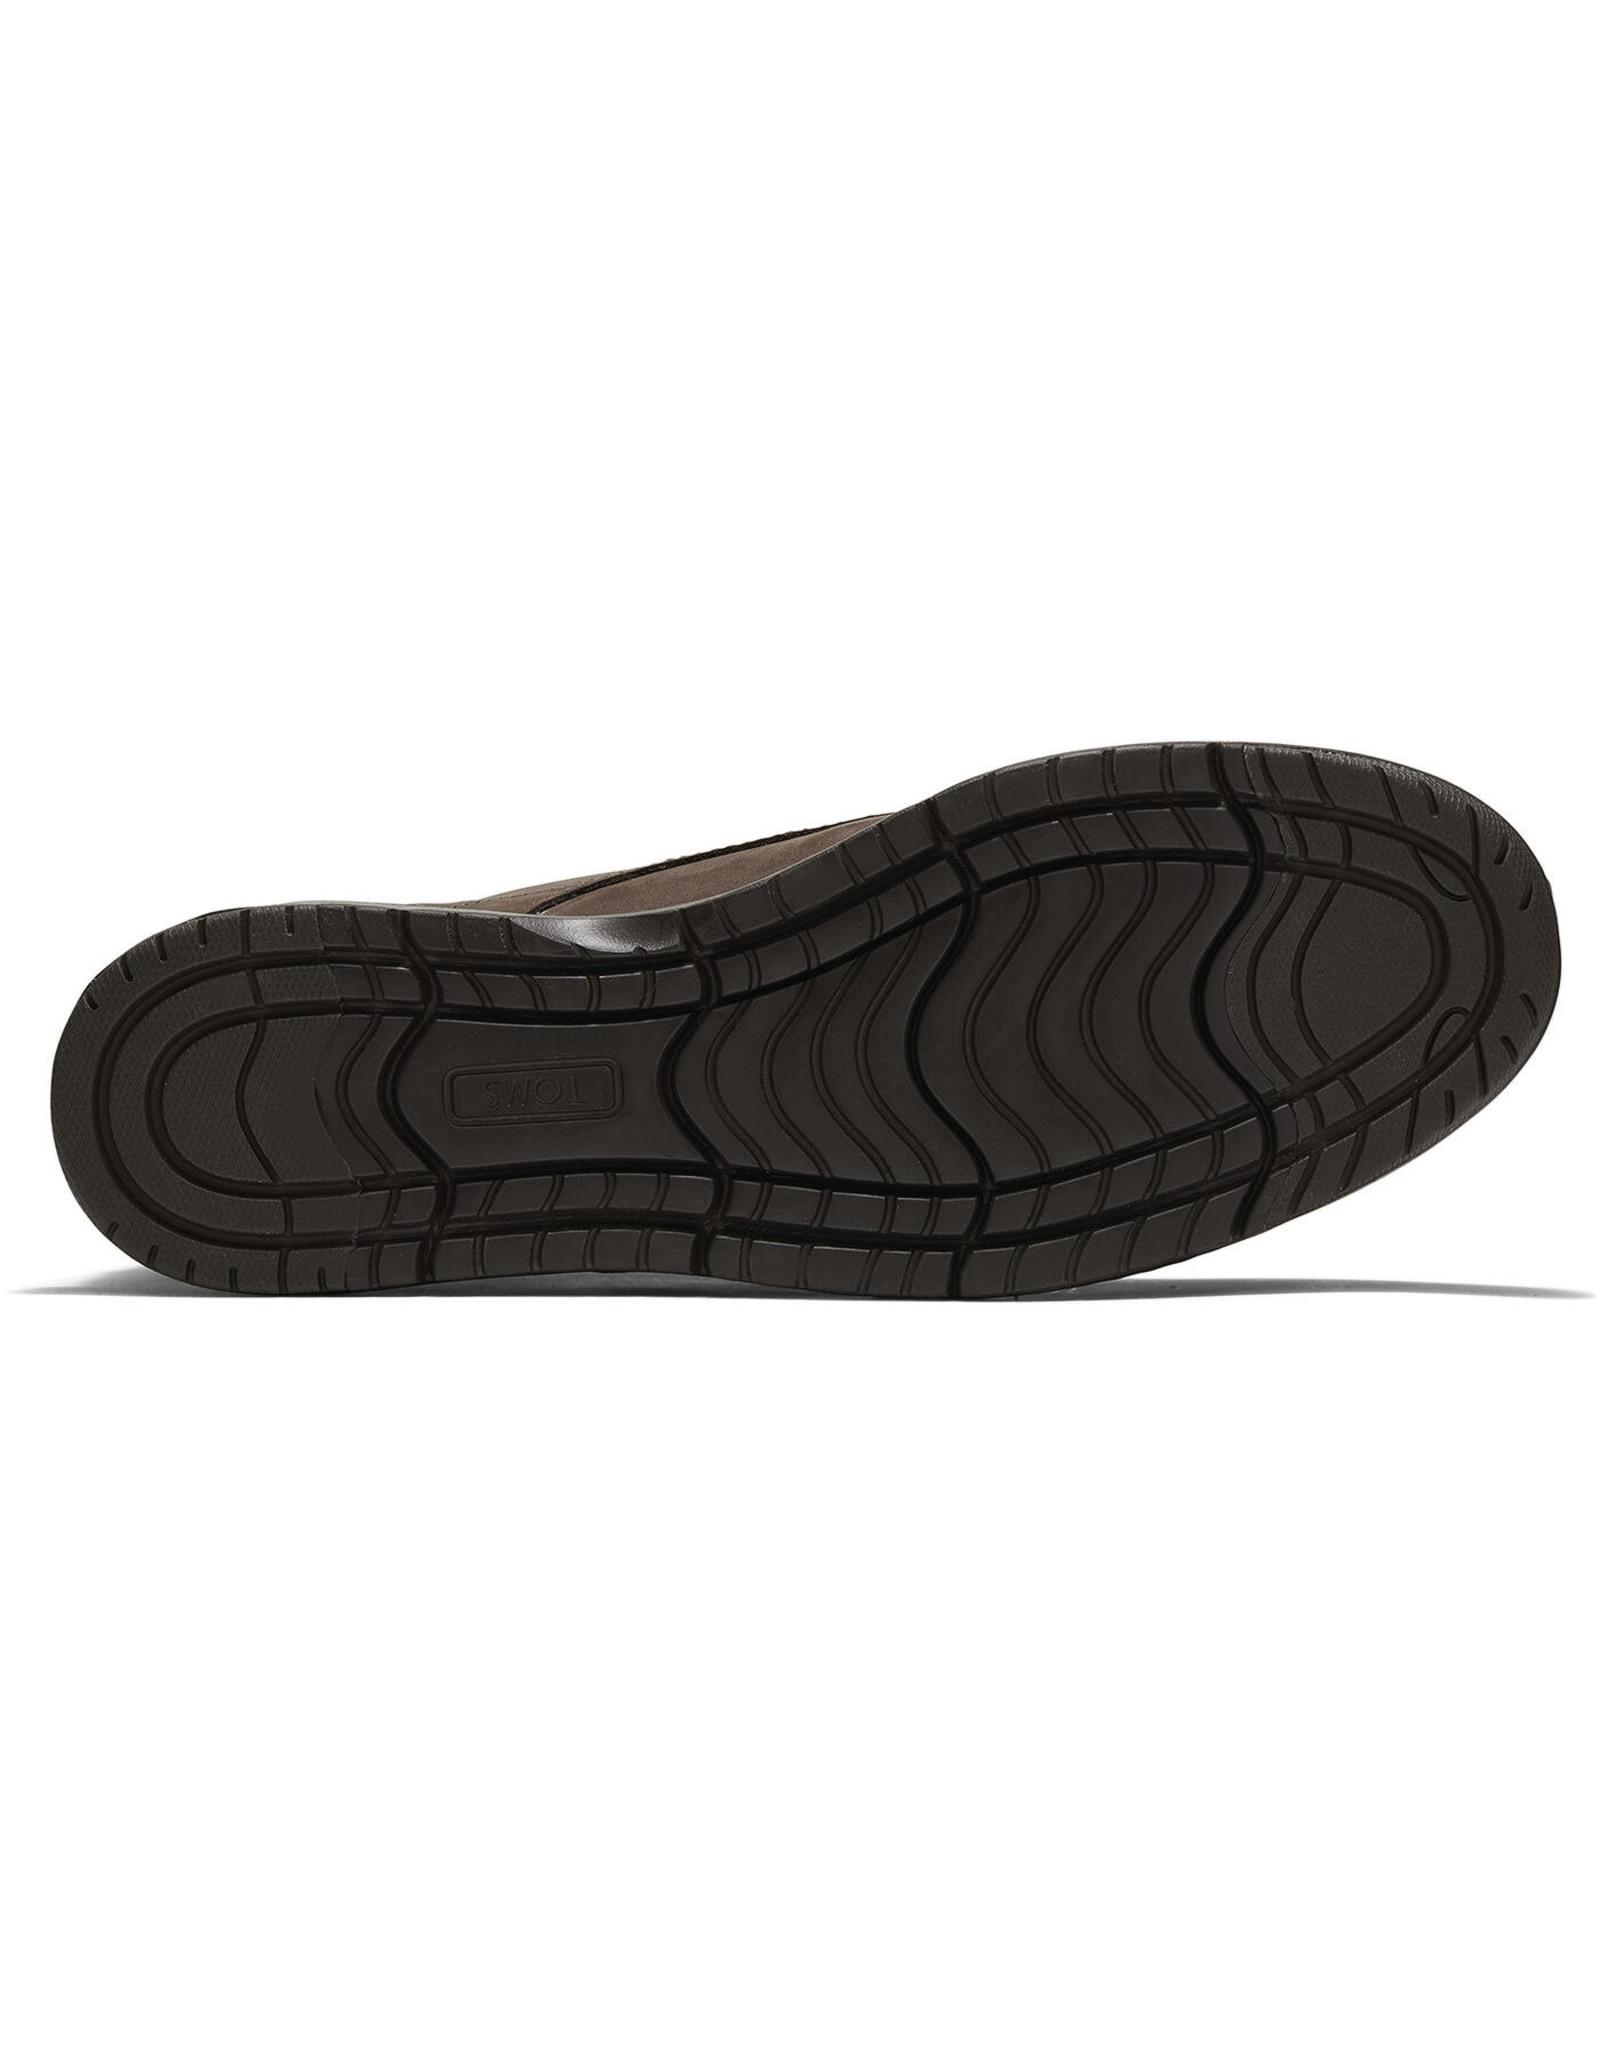 TOMS Men's Hillside WR Boot